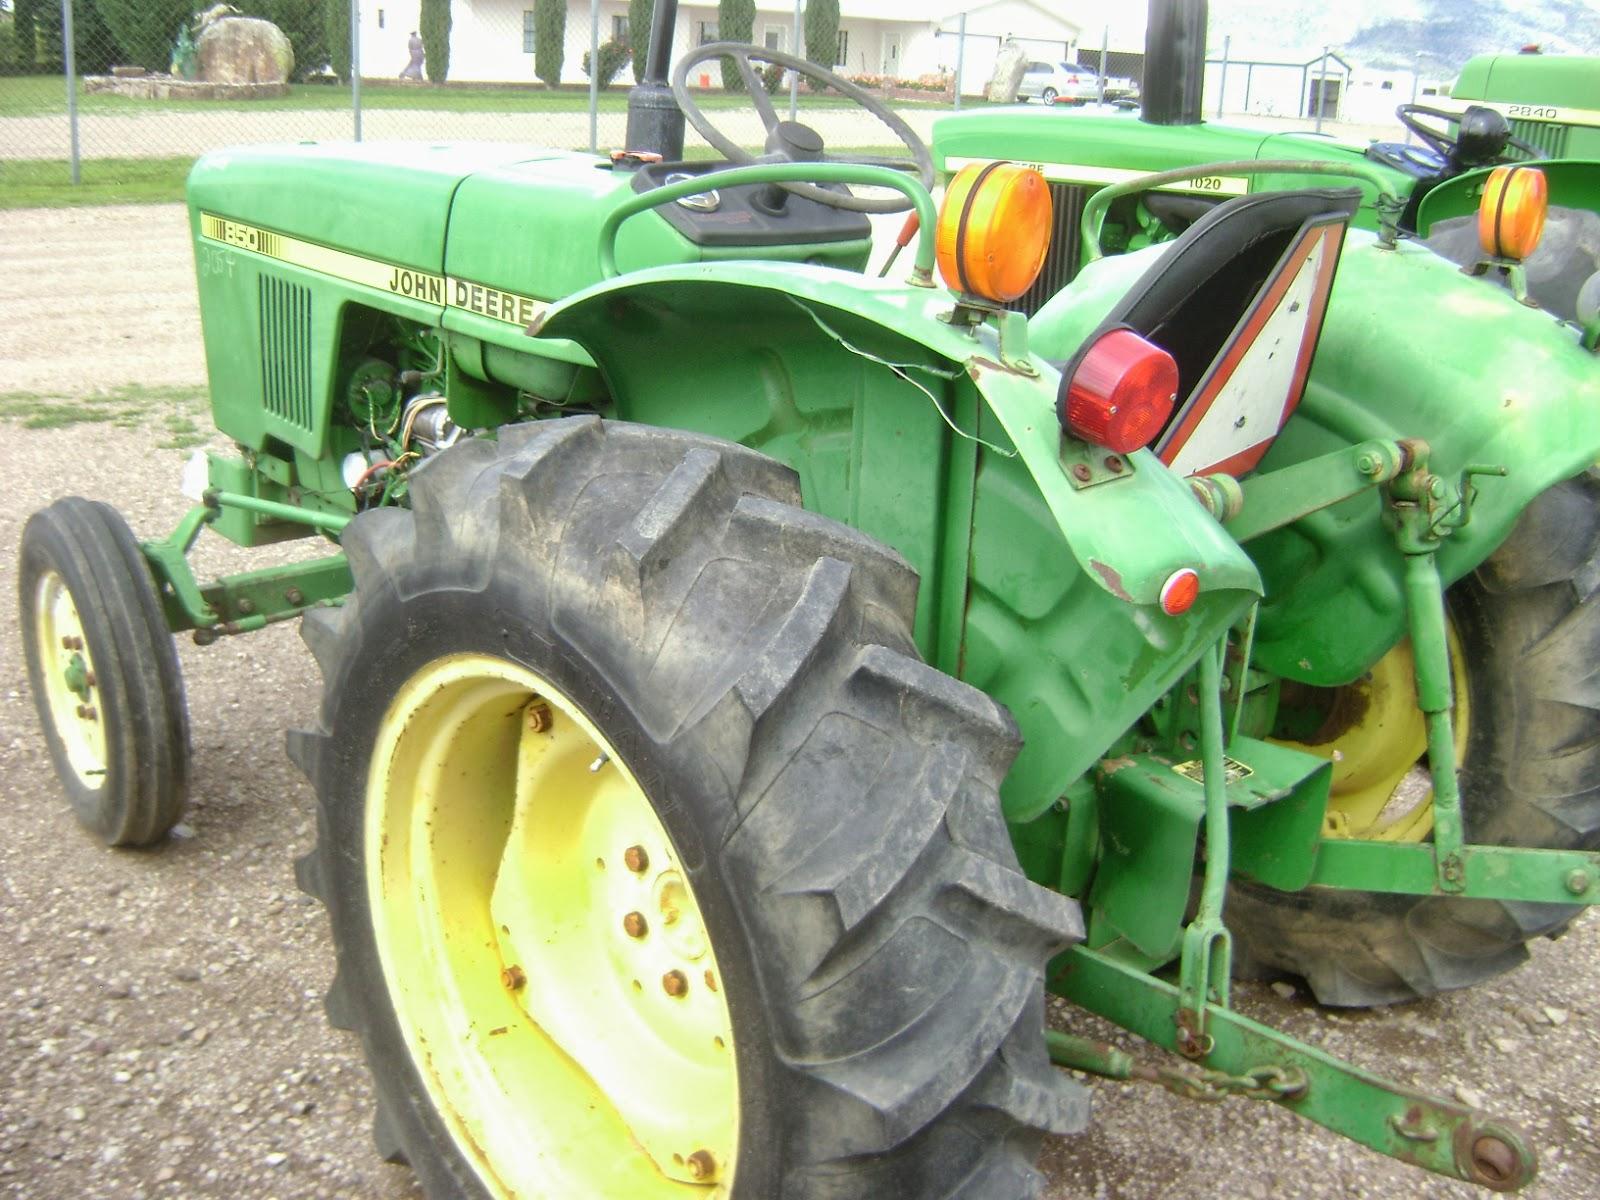 John Deere 850 Tractor Seat : Tractor huertero john deere dlls gano